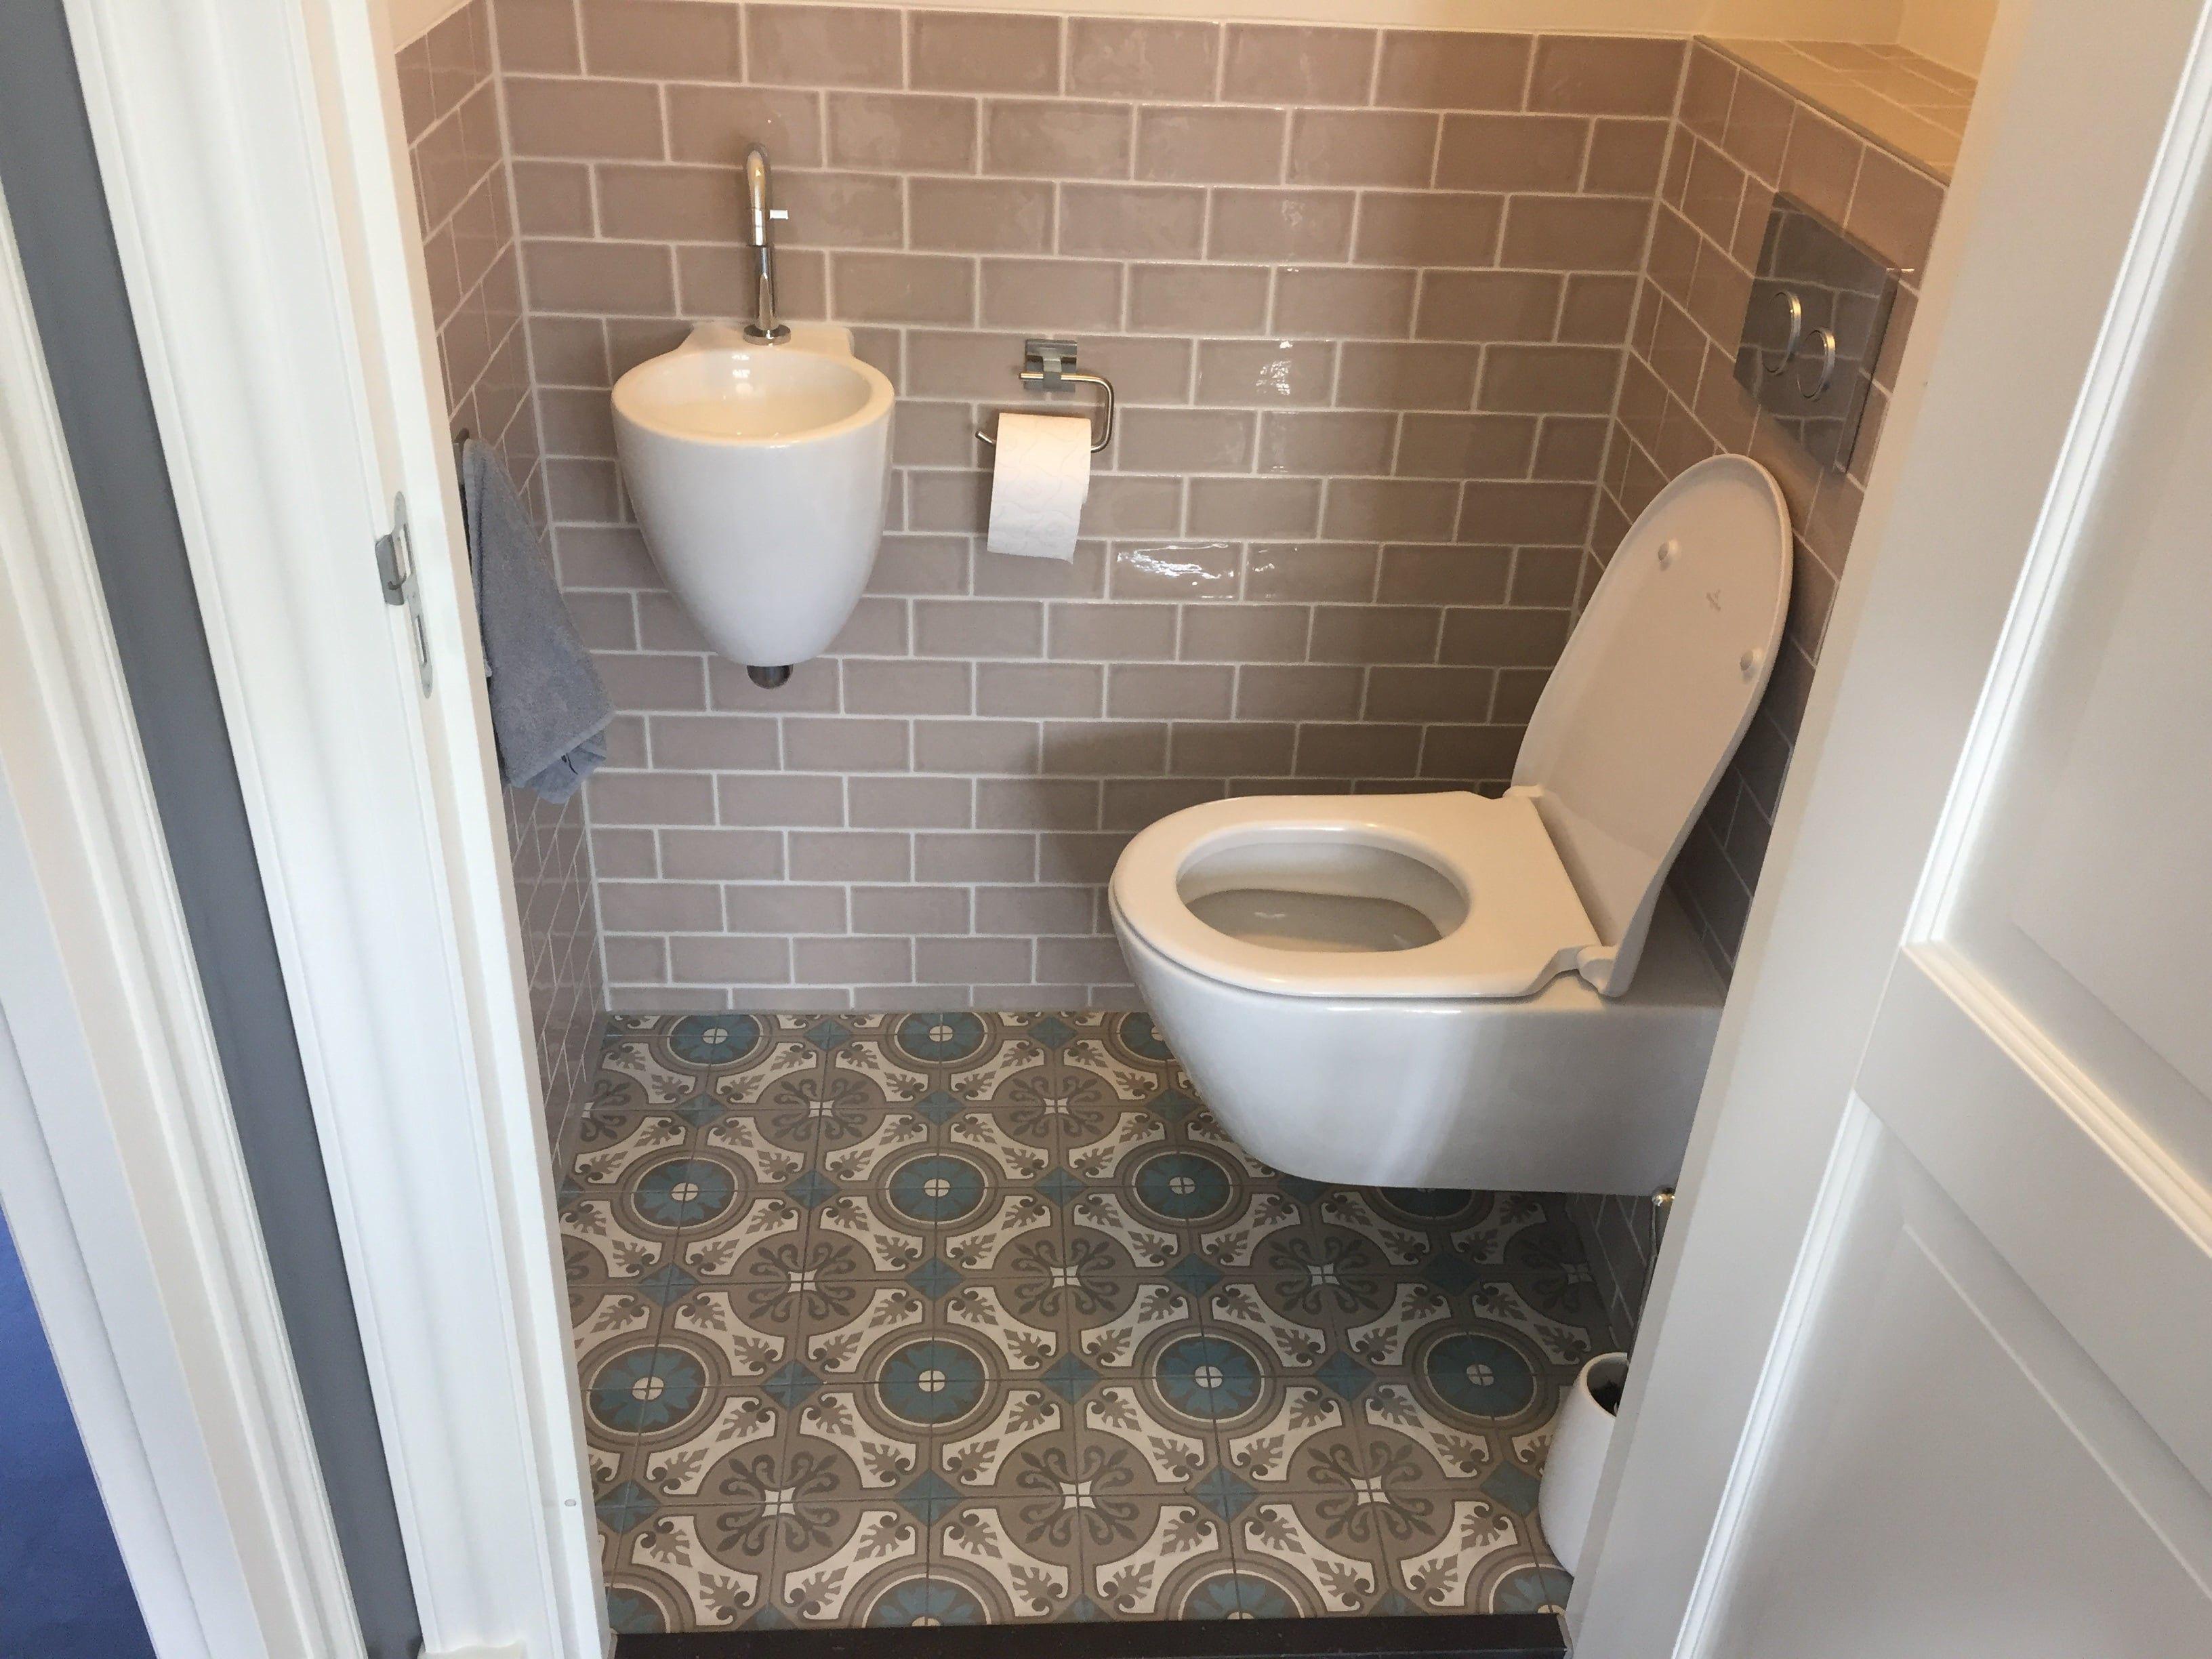 Landelijk Badkamer Tegels : Landelijke toiletruimte met cement patroon tegels op de vloer en